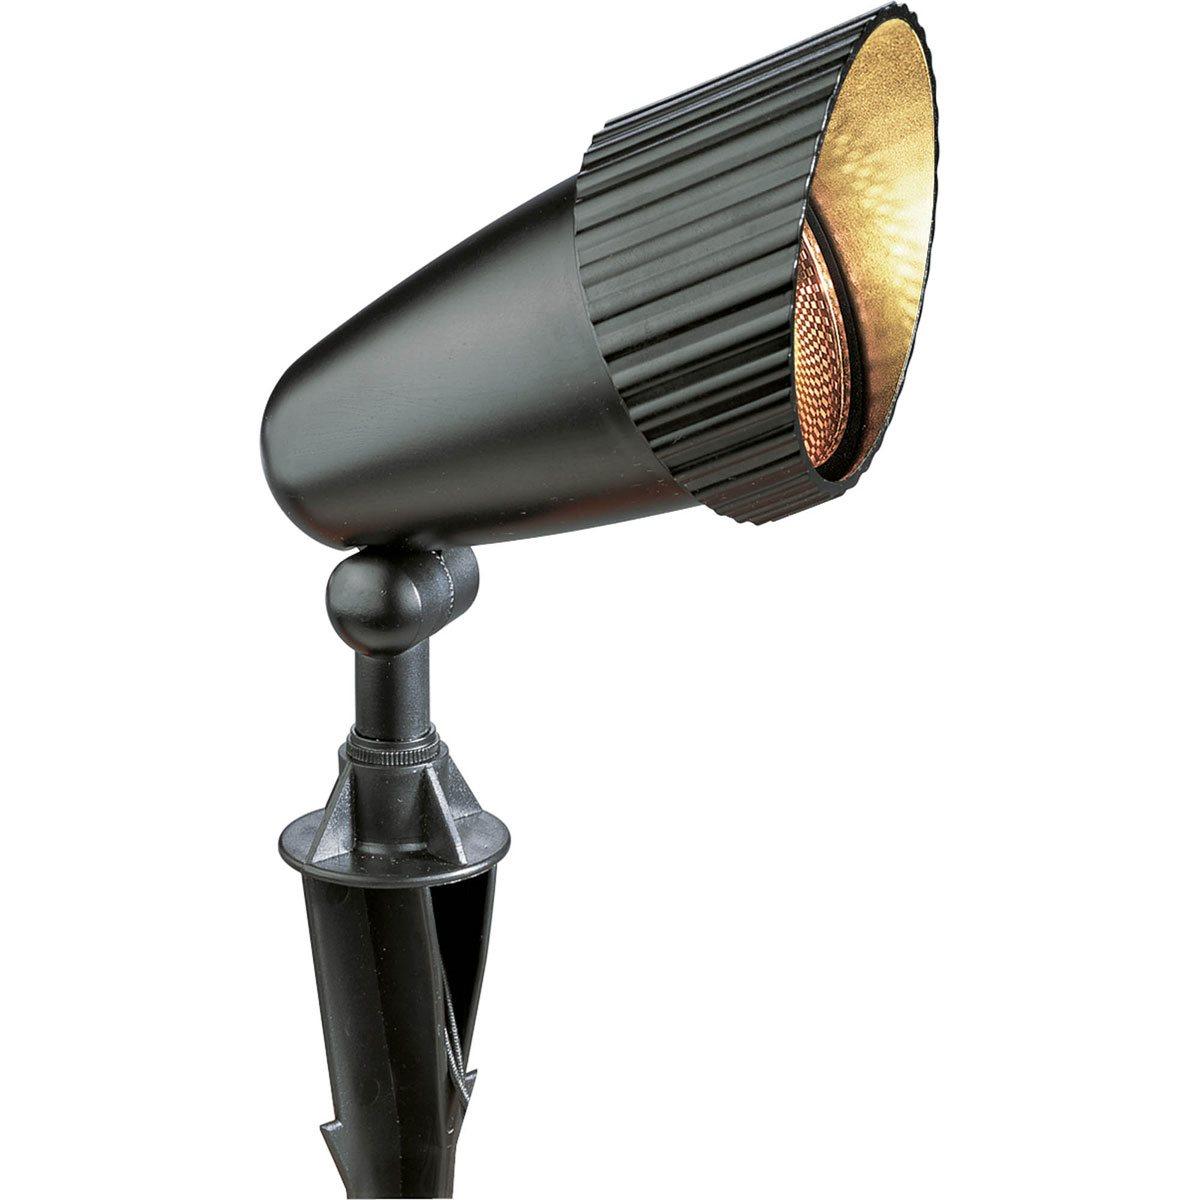 Progress lighting p5279 31 12v composite accent light pg for 12v outdoor lighting fixtures